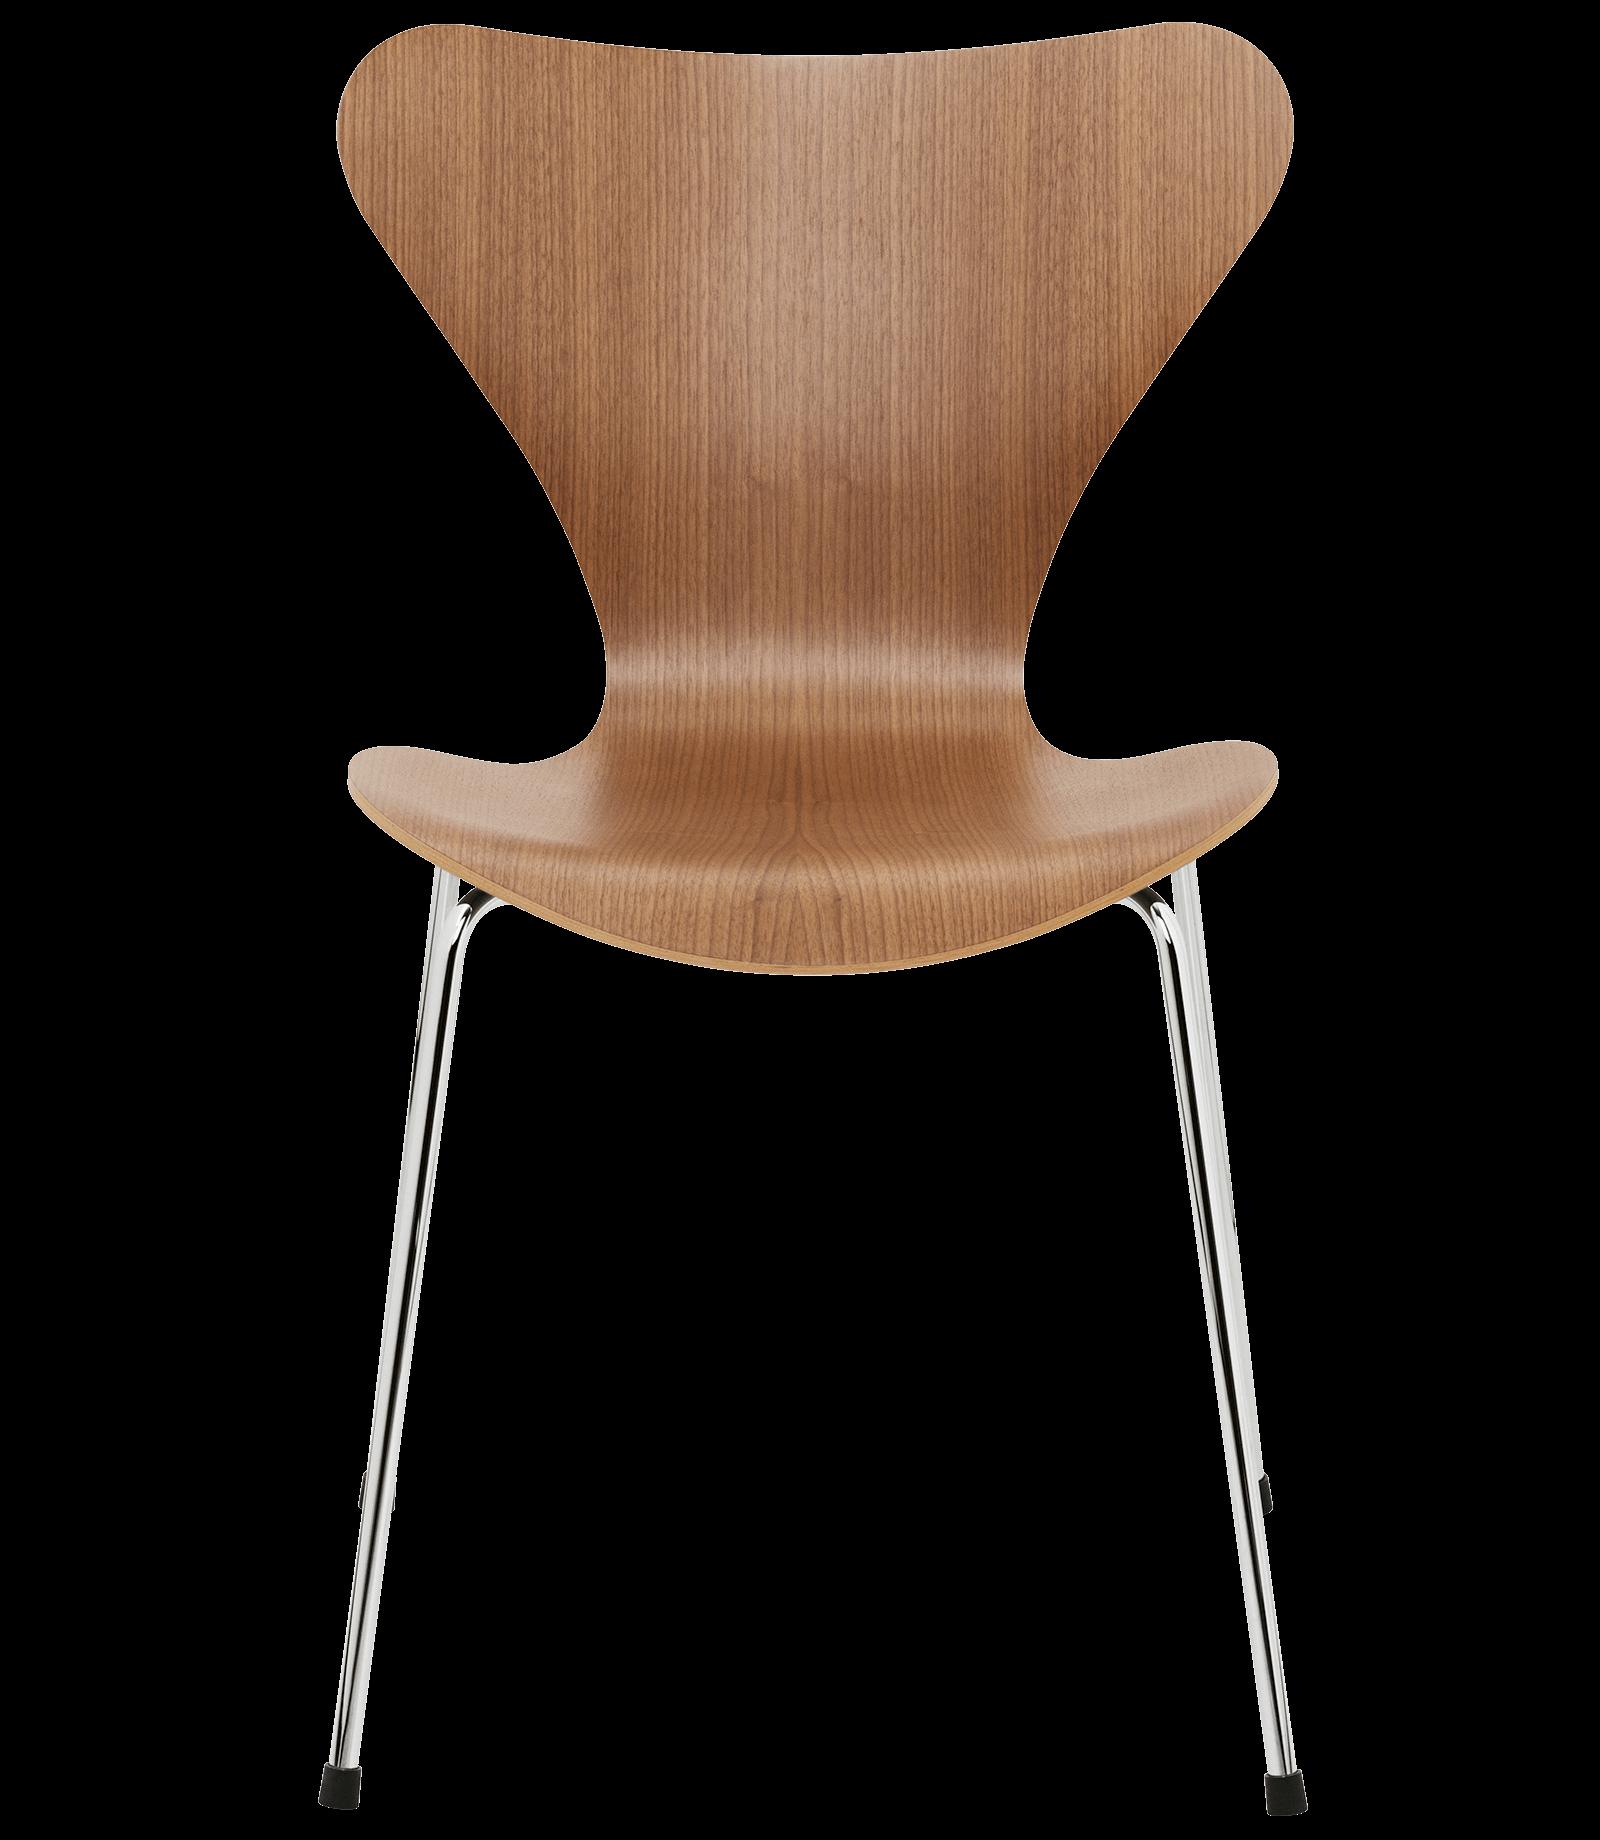 FRITZHANSEN(フリッツハンセン)serie7(セブンチェア)3107, Natural wood(ナチュラルウッド)walnut(ウォルナット)